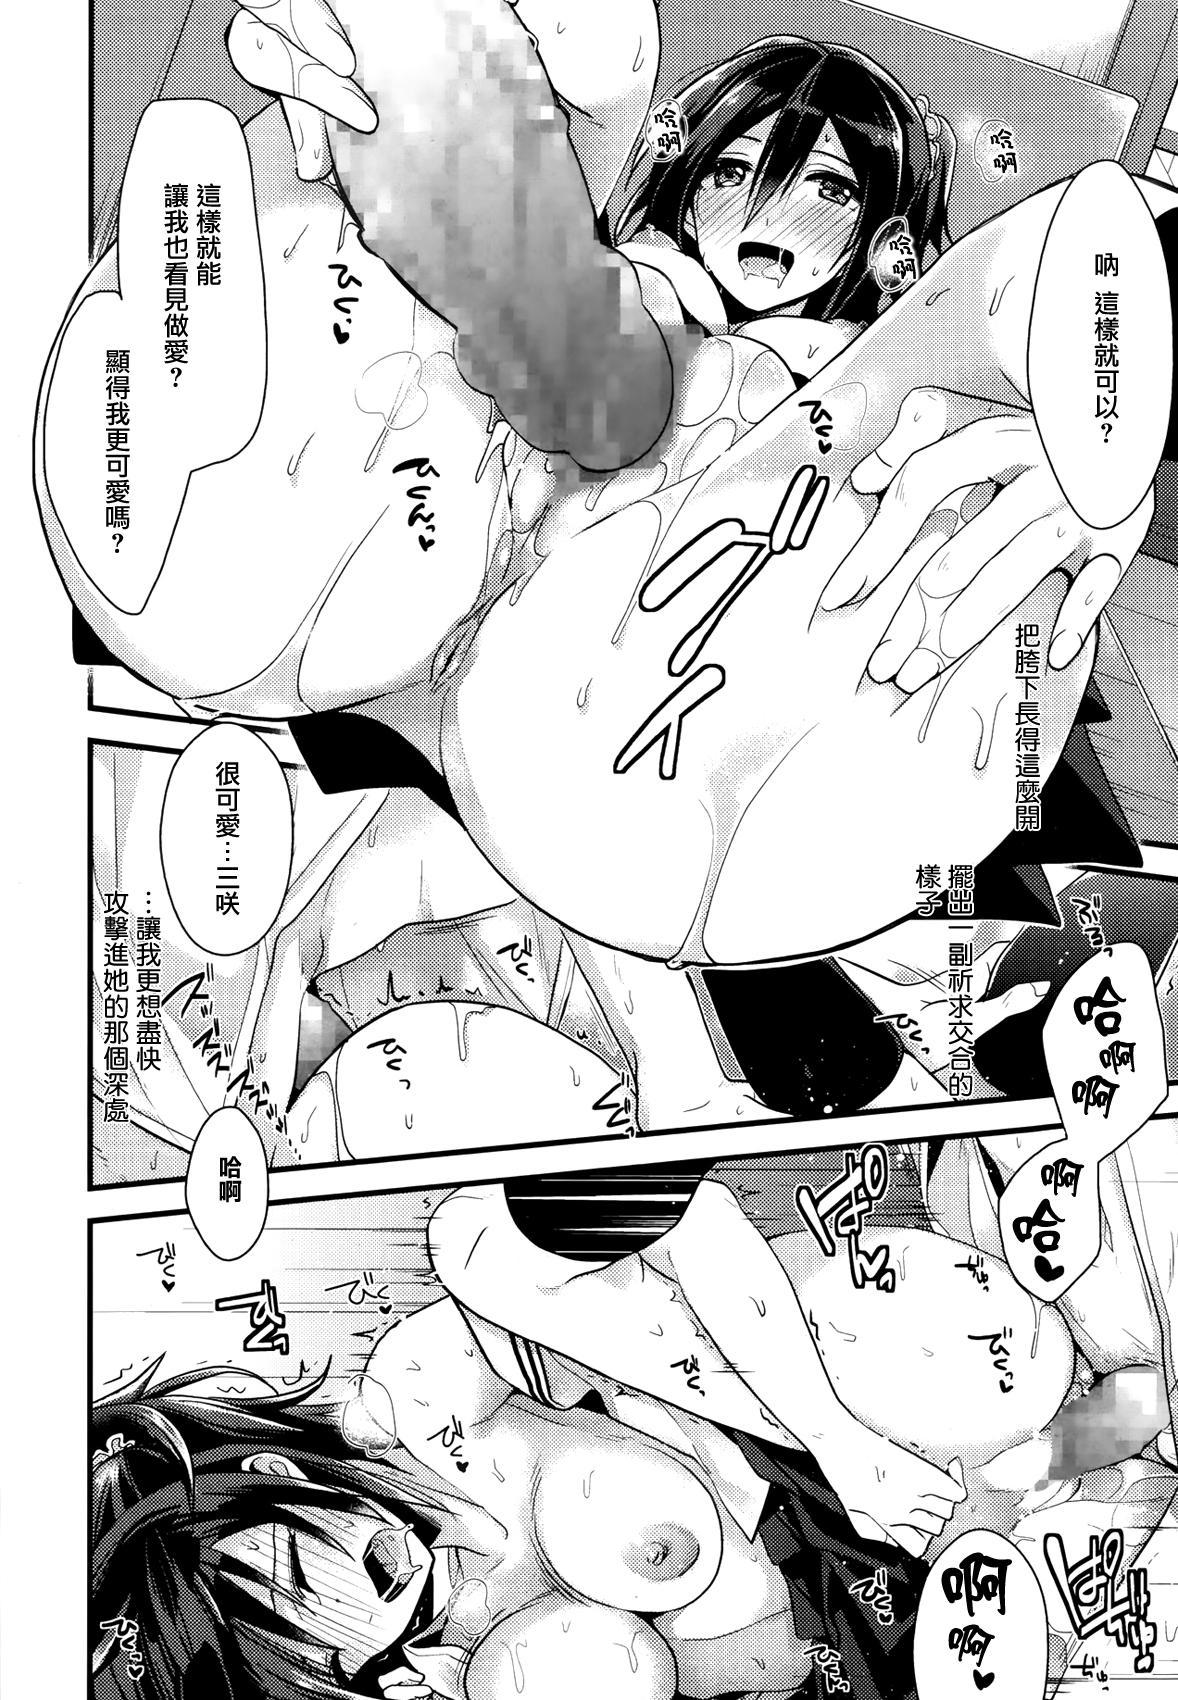 Kanojyo to Himitsu 76